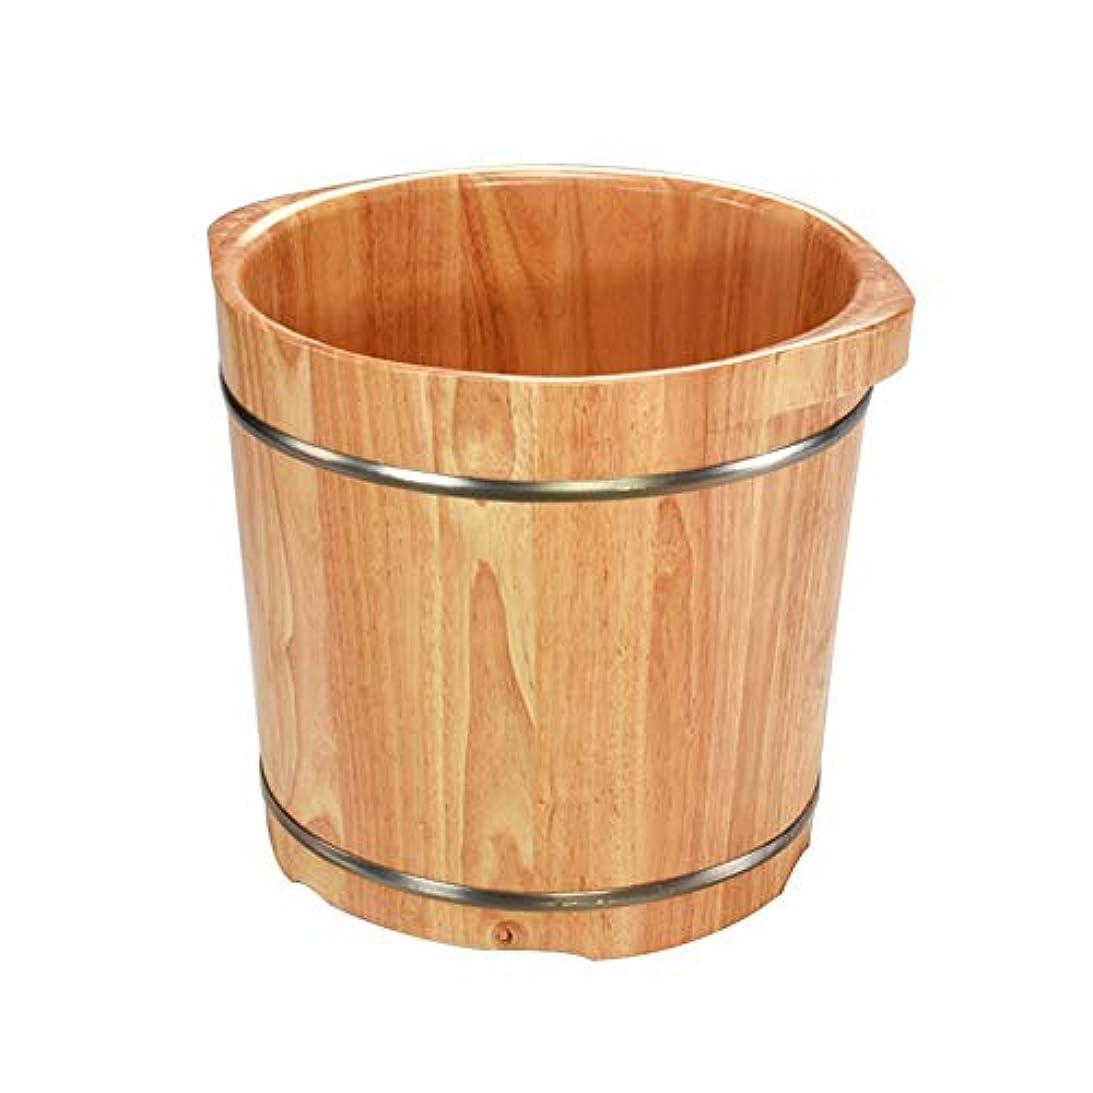 チート接辞リラックスフットタブ バブルフットバケツプラスハイ泡フットペディキュアフットバスバレル木製浴槽フットバスバレルラバーウッド足浴槽 (Color : A)